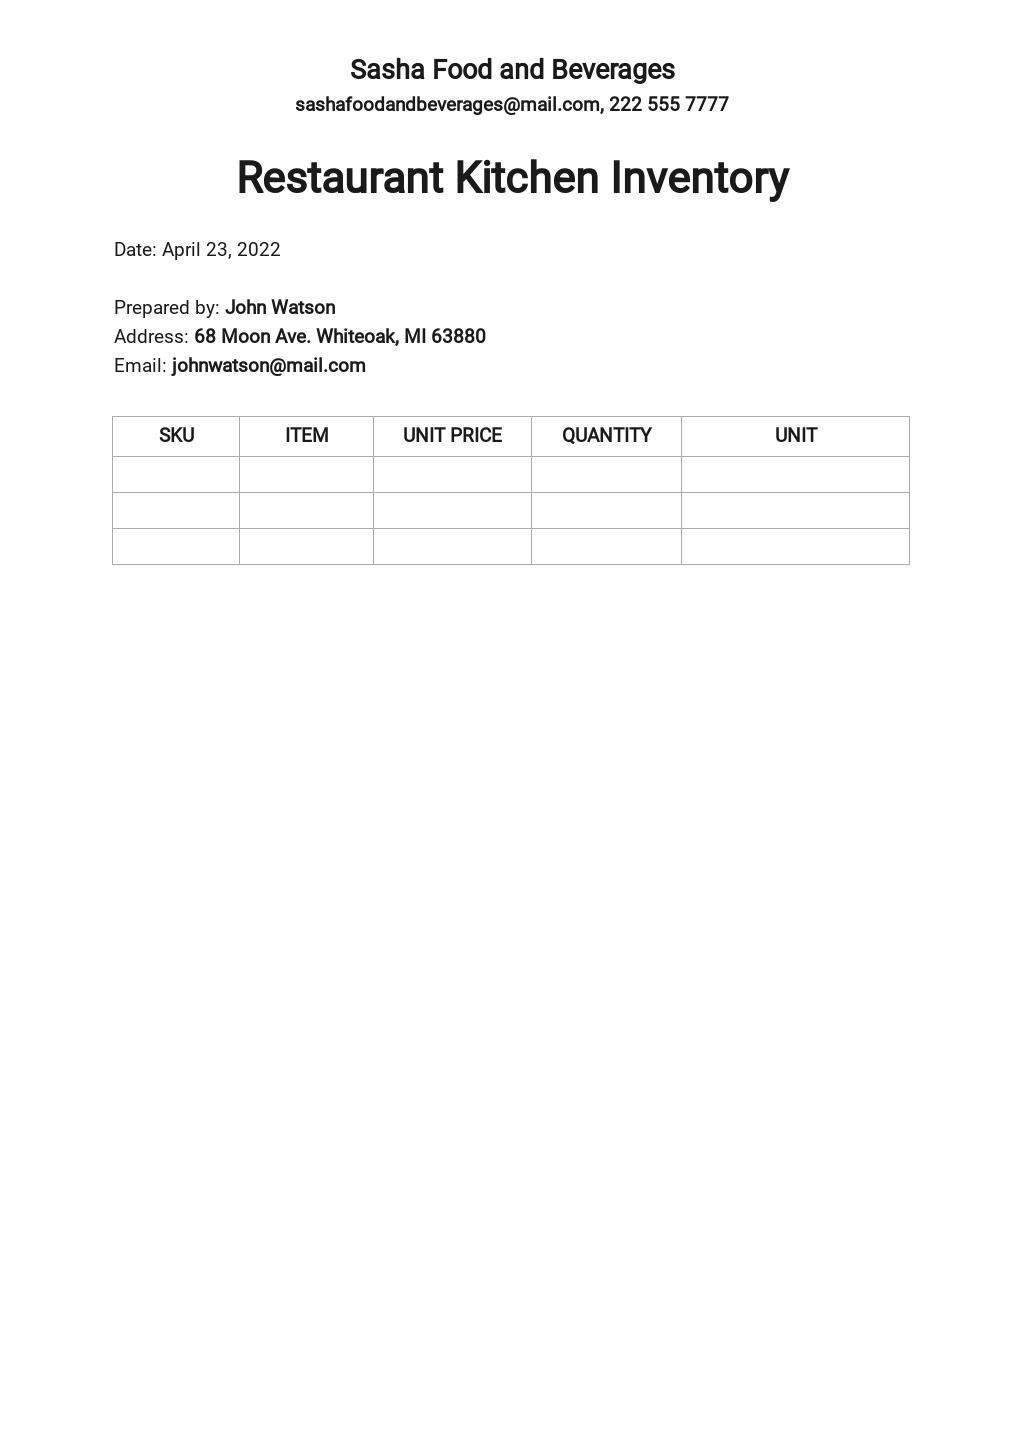 Blank Restaurant Kitchen Inventory Template.jpe